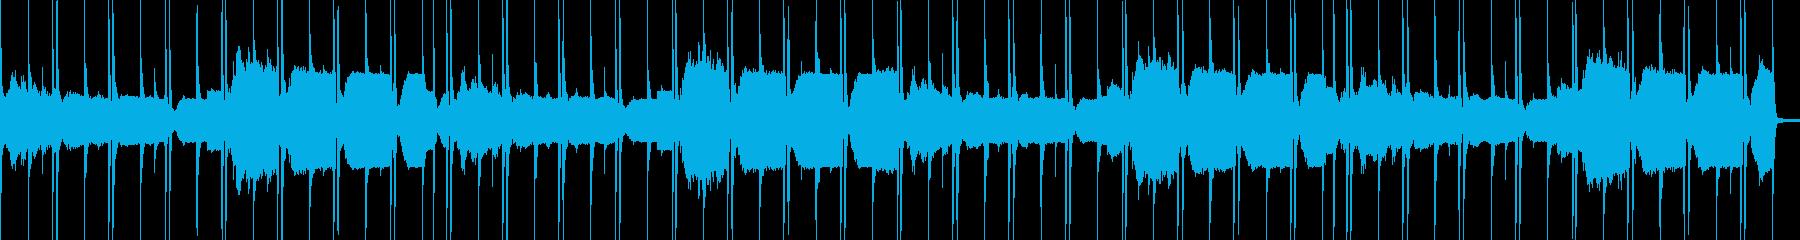 ループ/ピアノのLo-Fi Hiphopの再生済みの波形